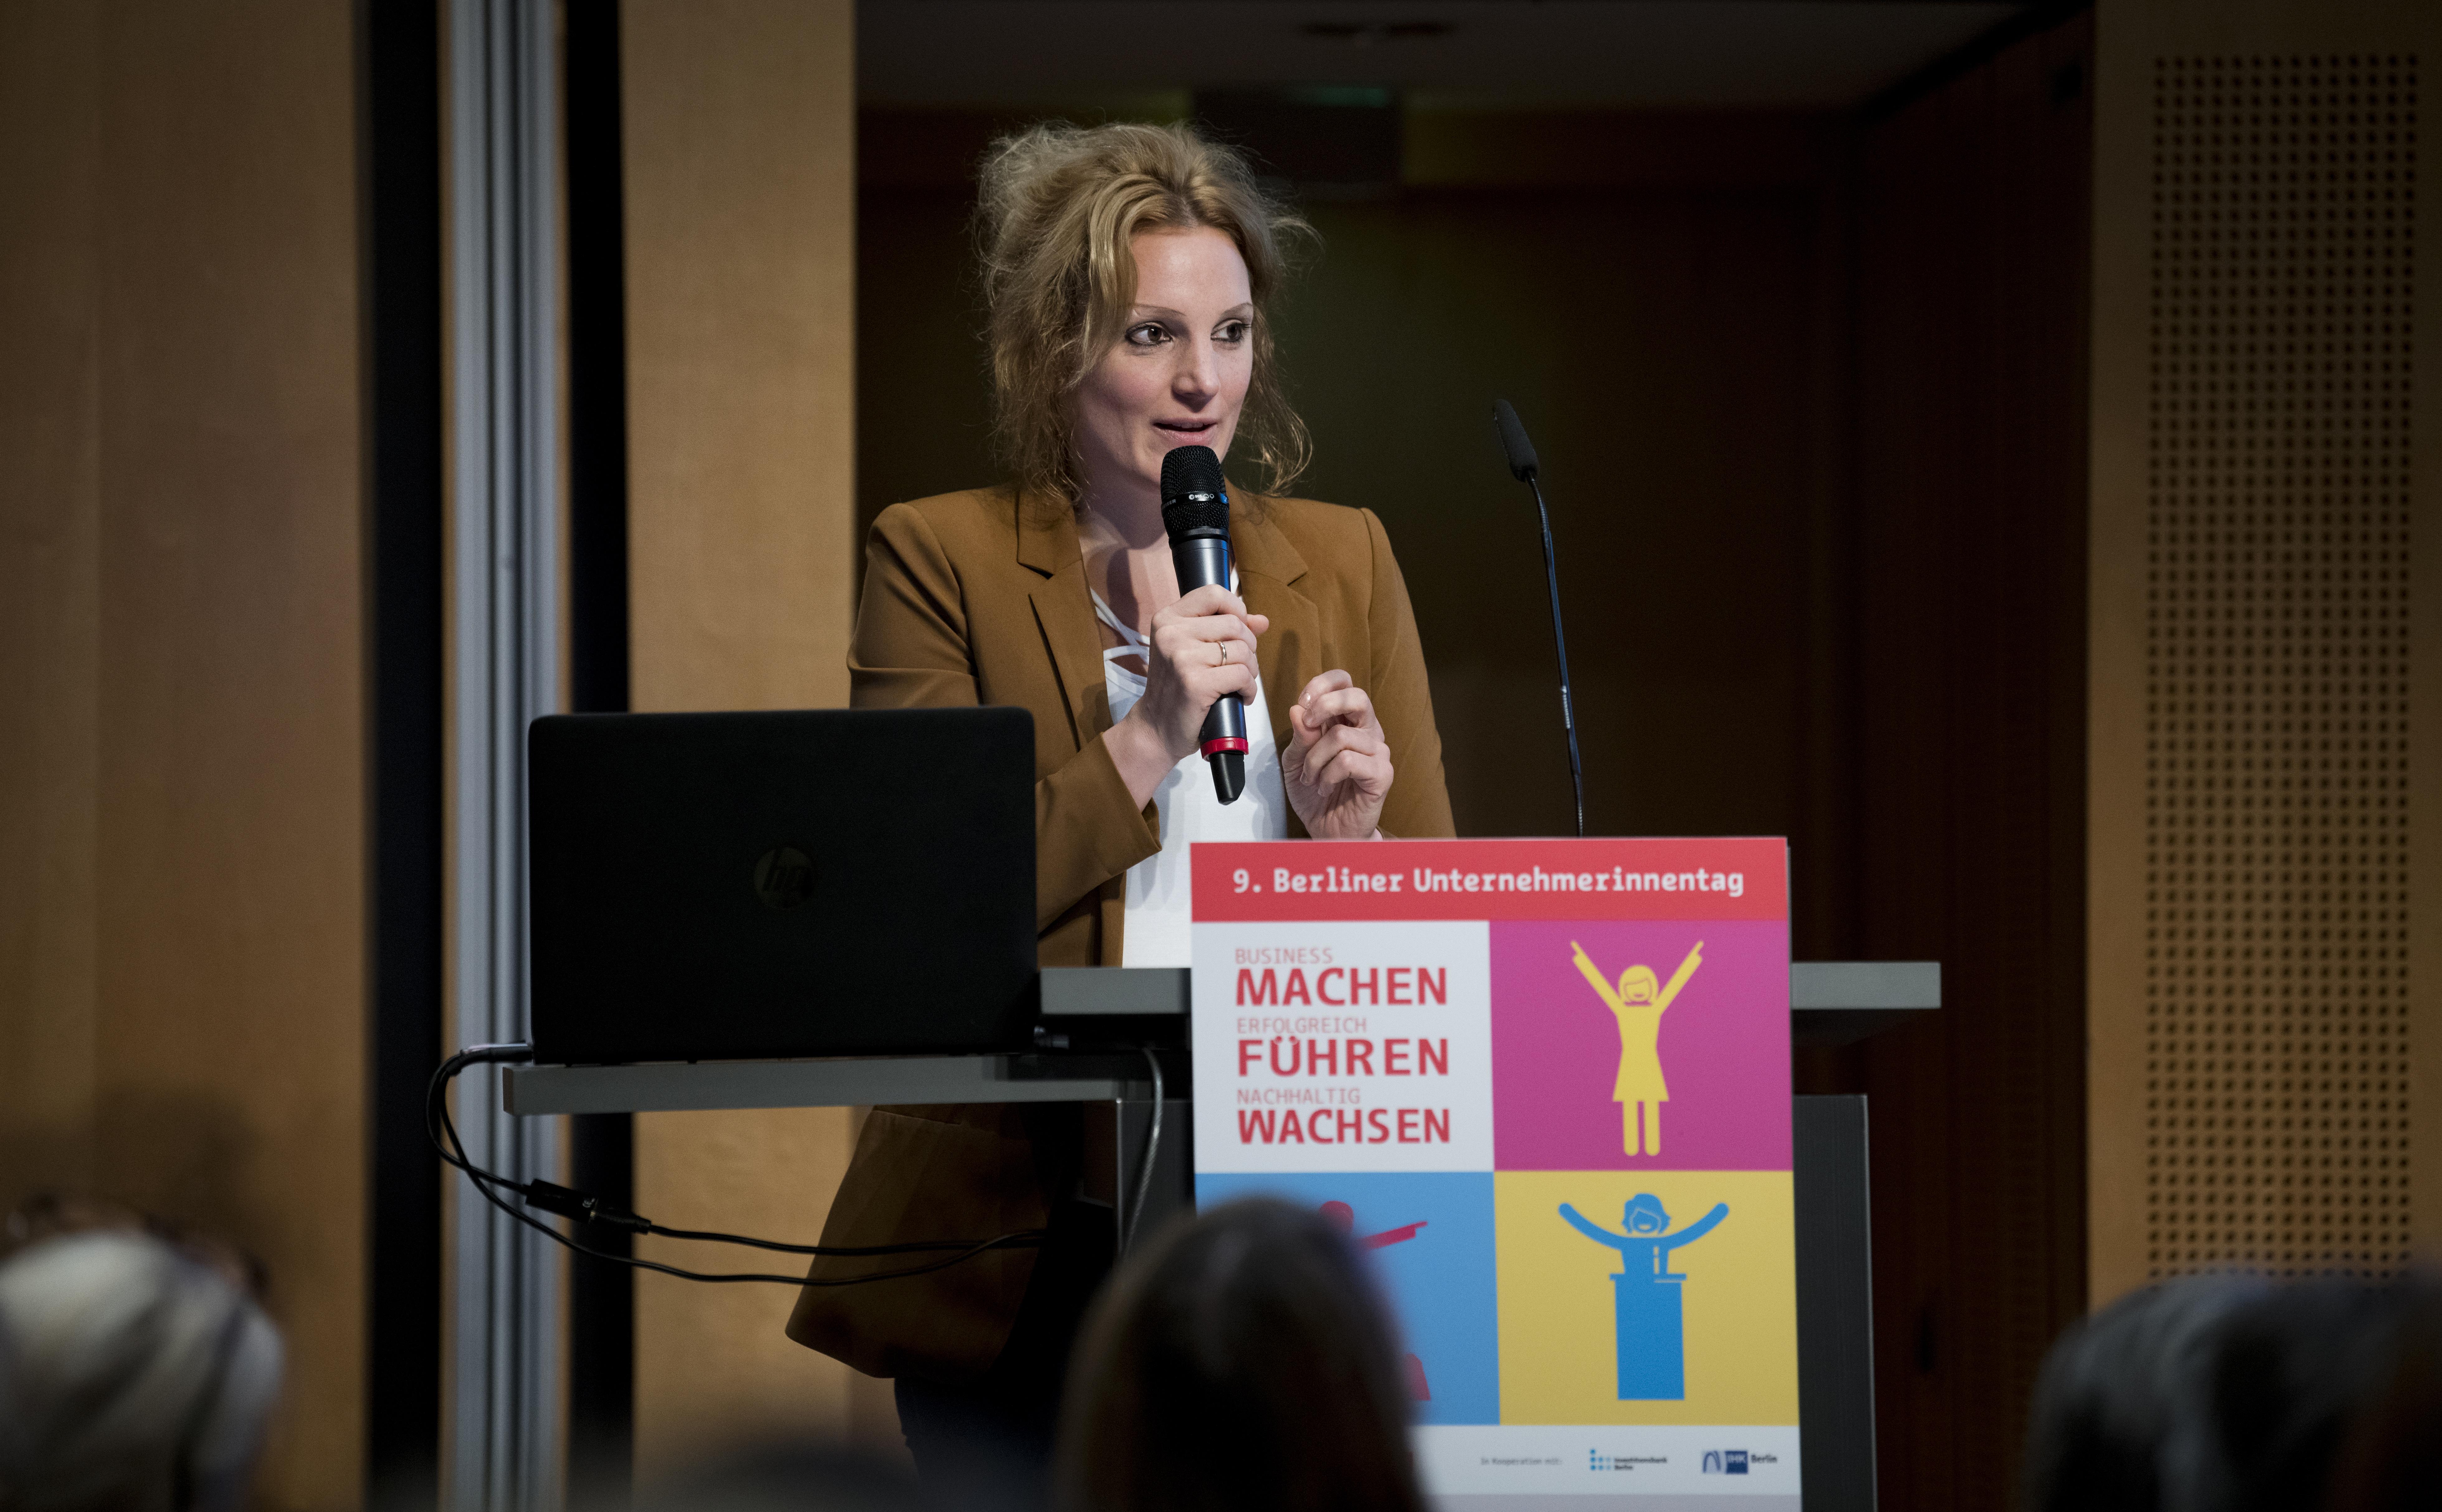 9. Berliner Unternehmerinnentag In Berlin